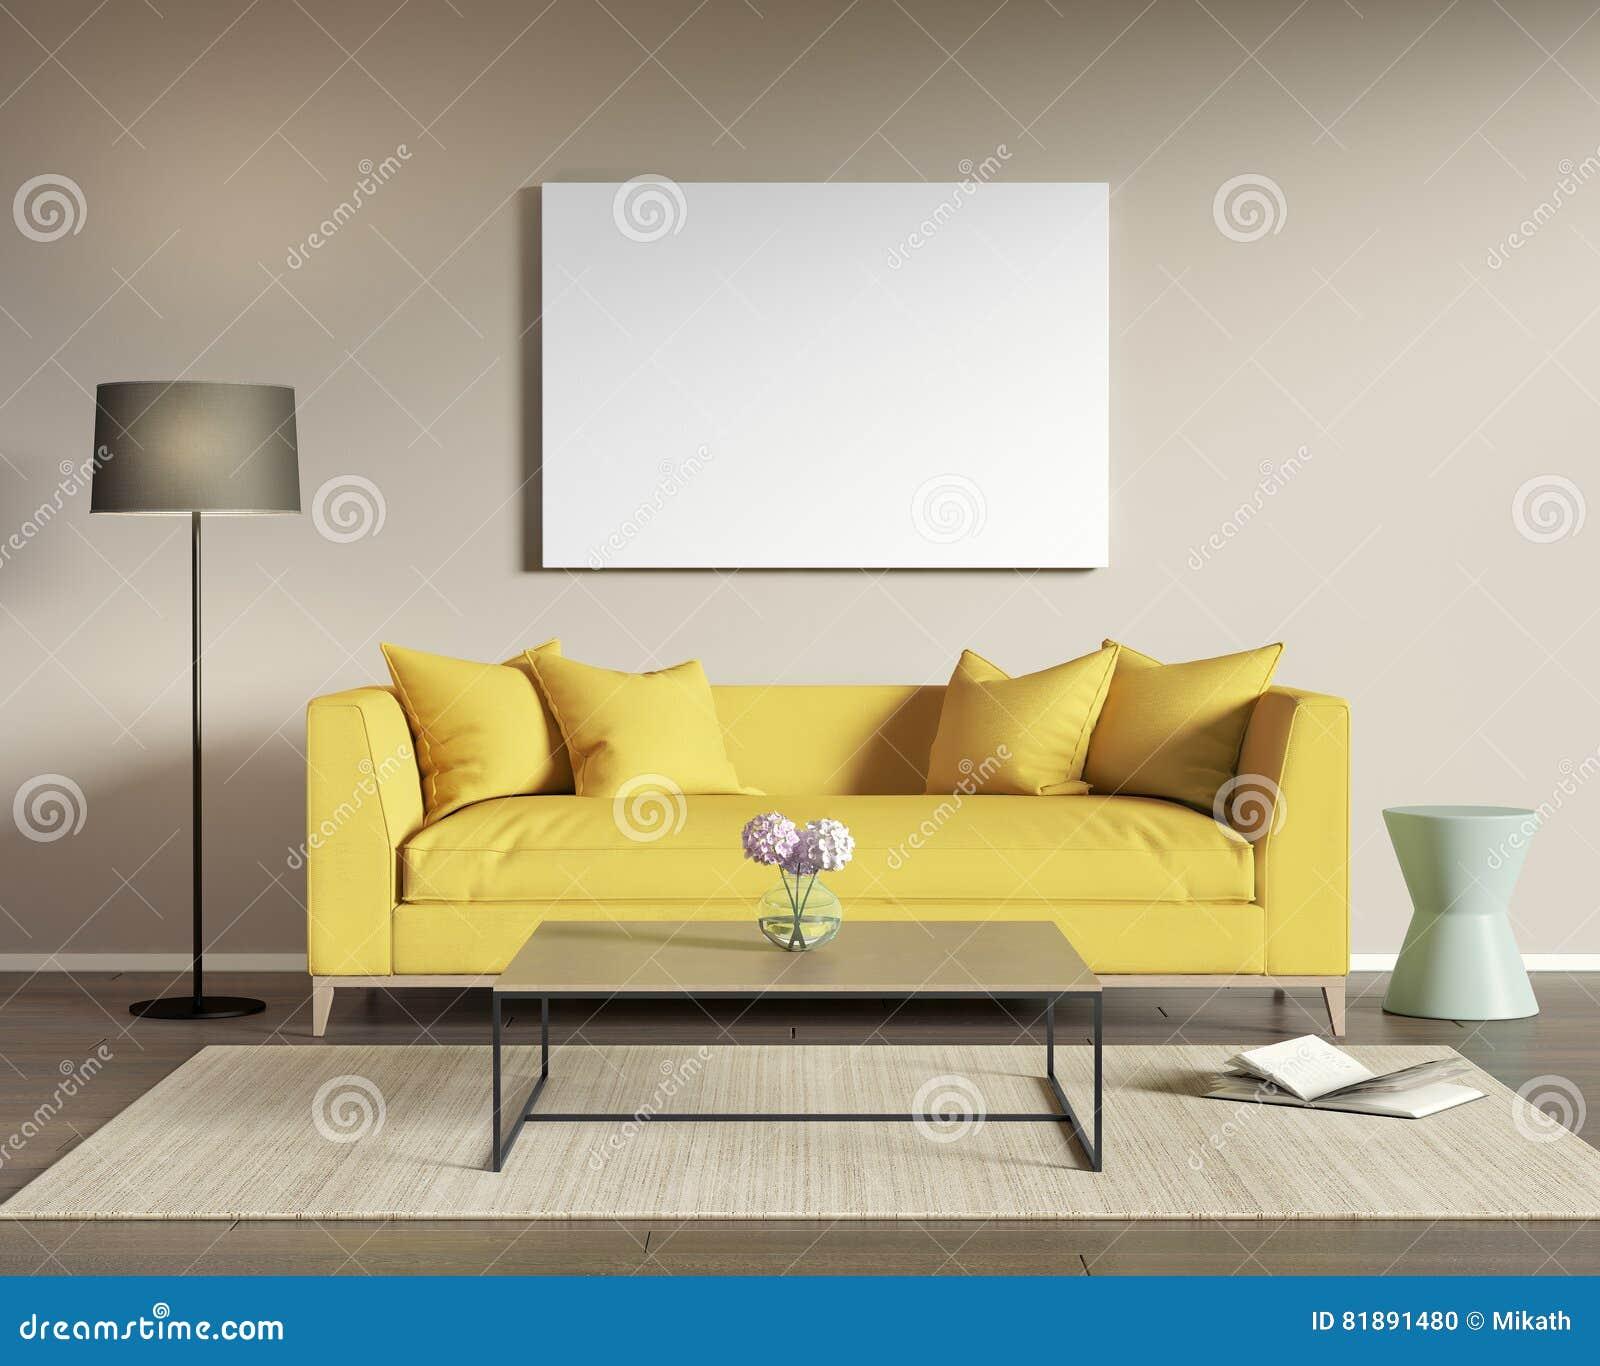 Gelbes Sofa In Einem Modernen Wohnzimmer Stock Abbildung ...